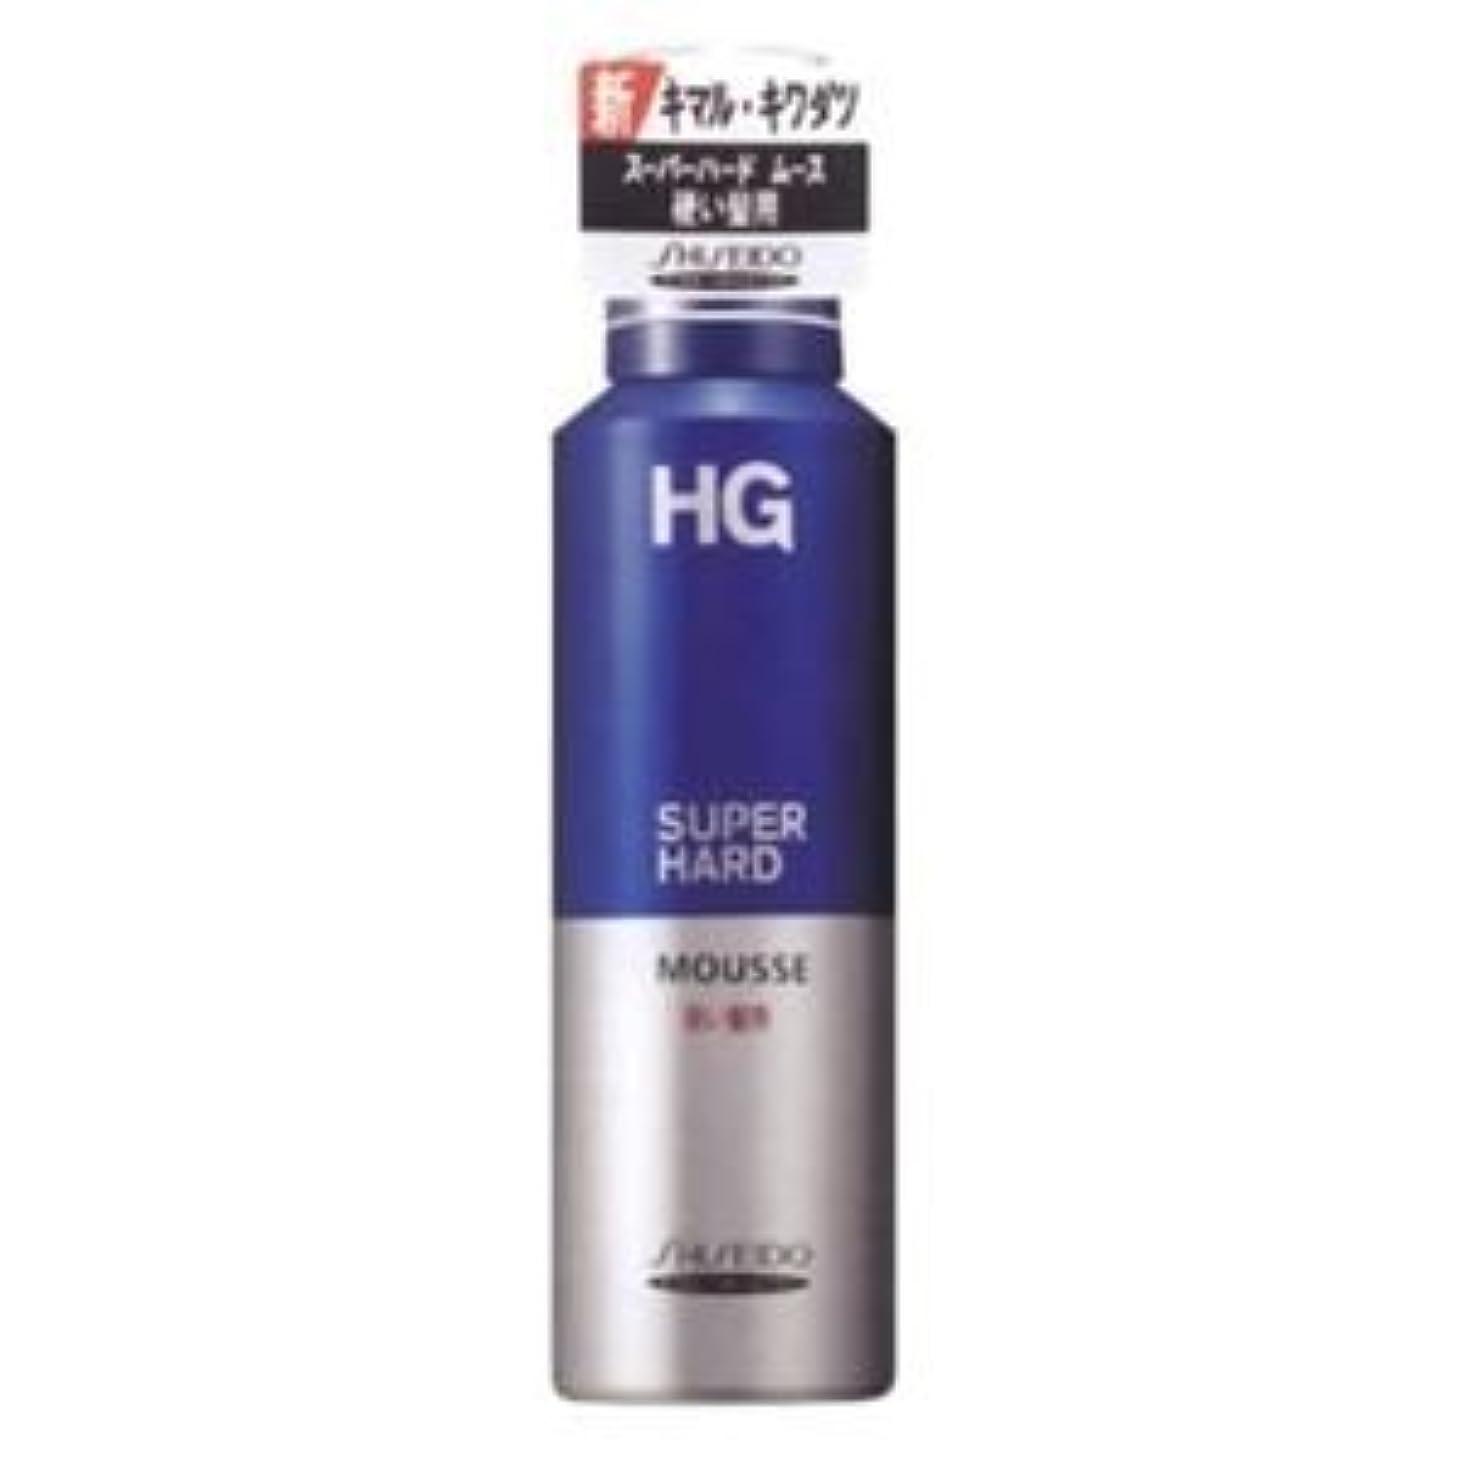 代わりの同級生機械的にHG スーパーハードムース 硬い髪用 5セット